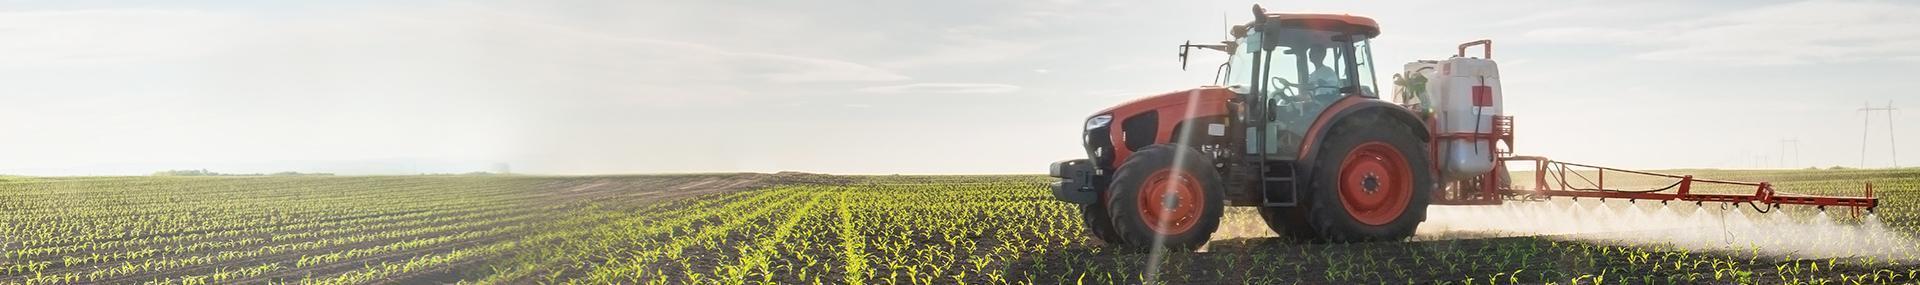 Czemarol - Sprzedaż części do maszyn rolniczych